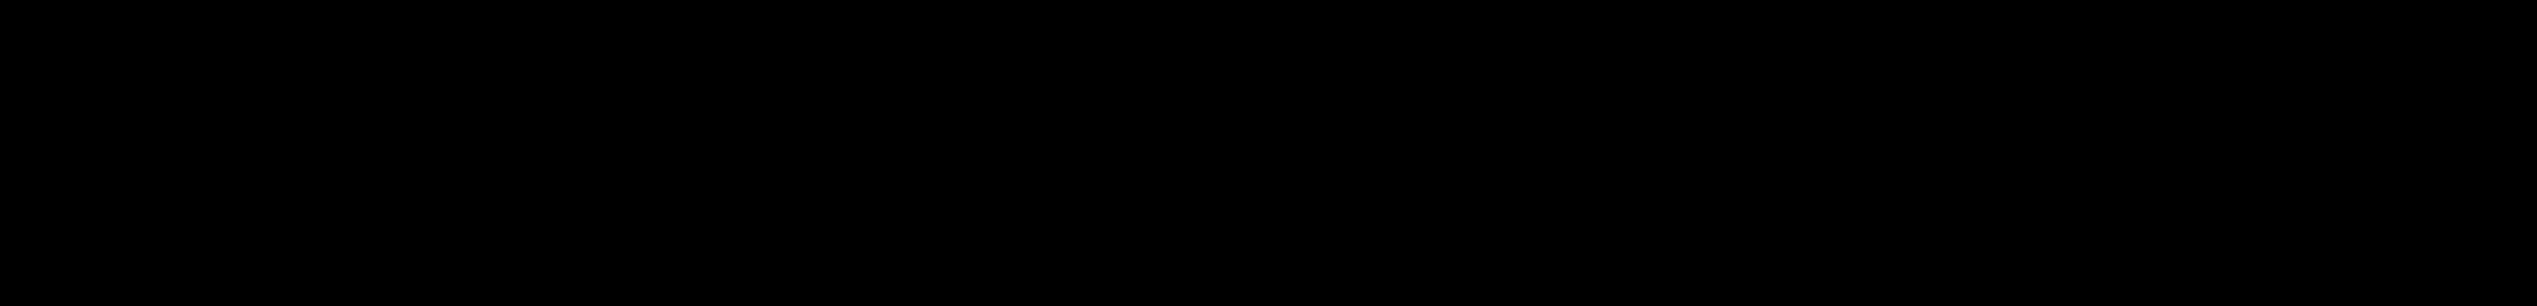 4分音符と3連符のミックスリズム